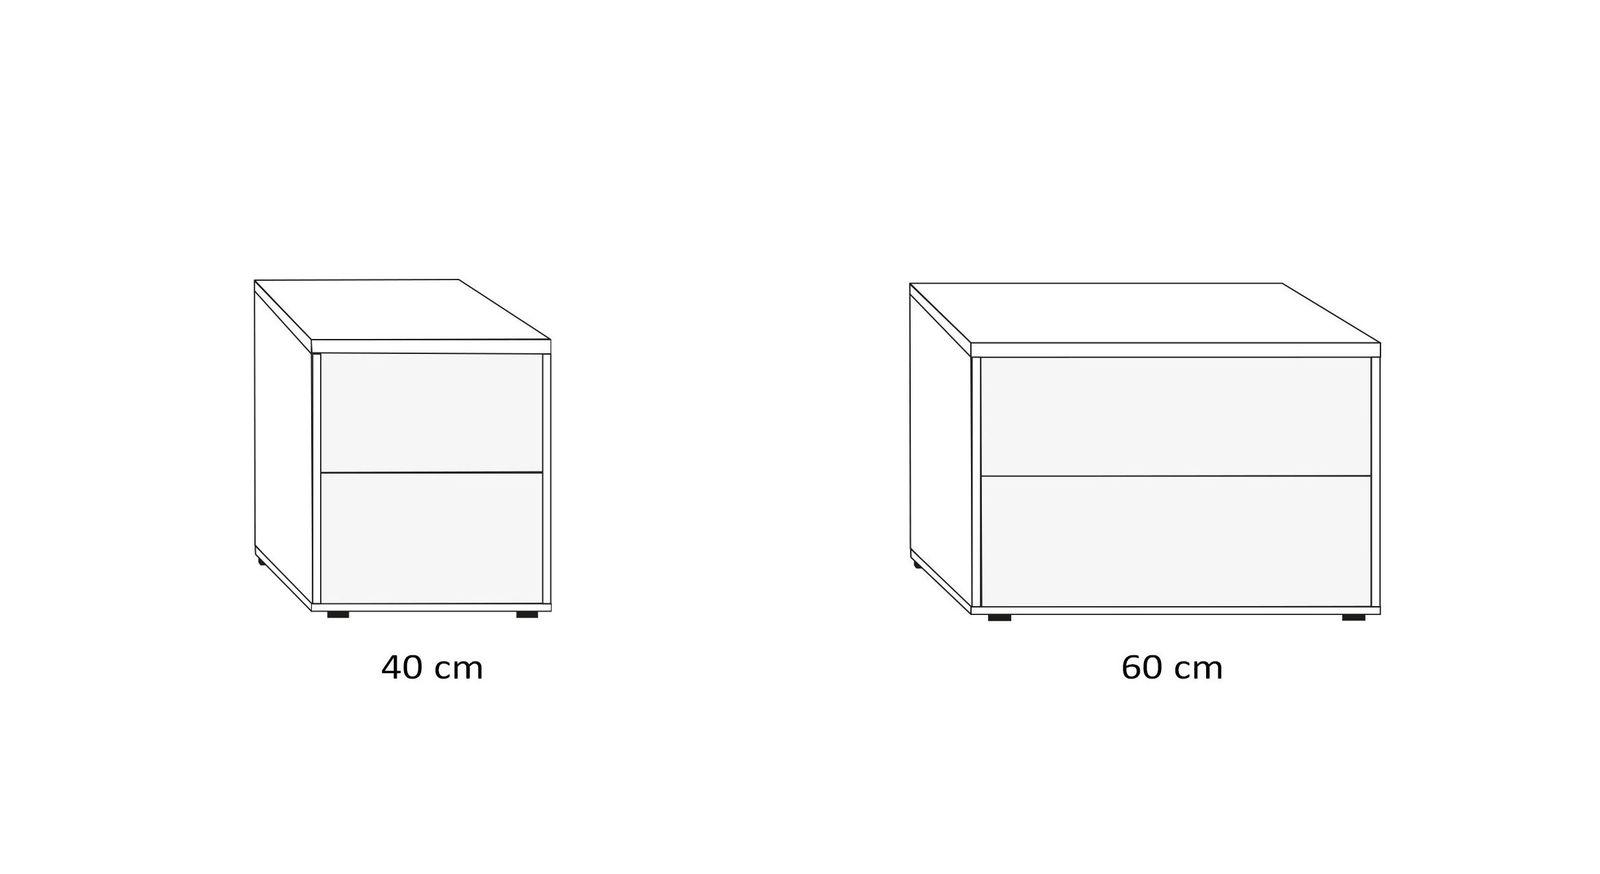 Breiten-Übersicht vom Nachttisch mit zwei Schubladen